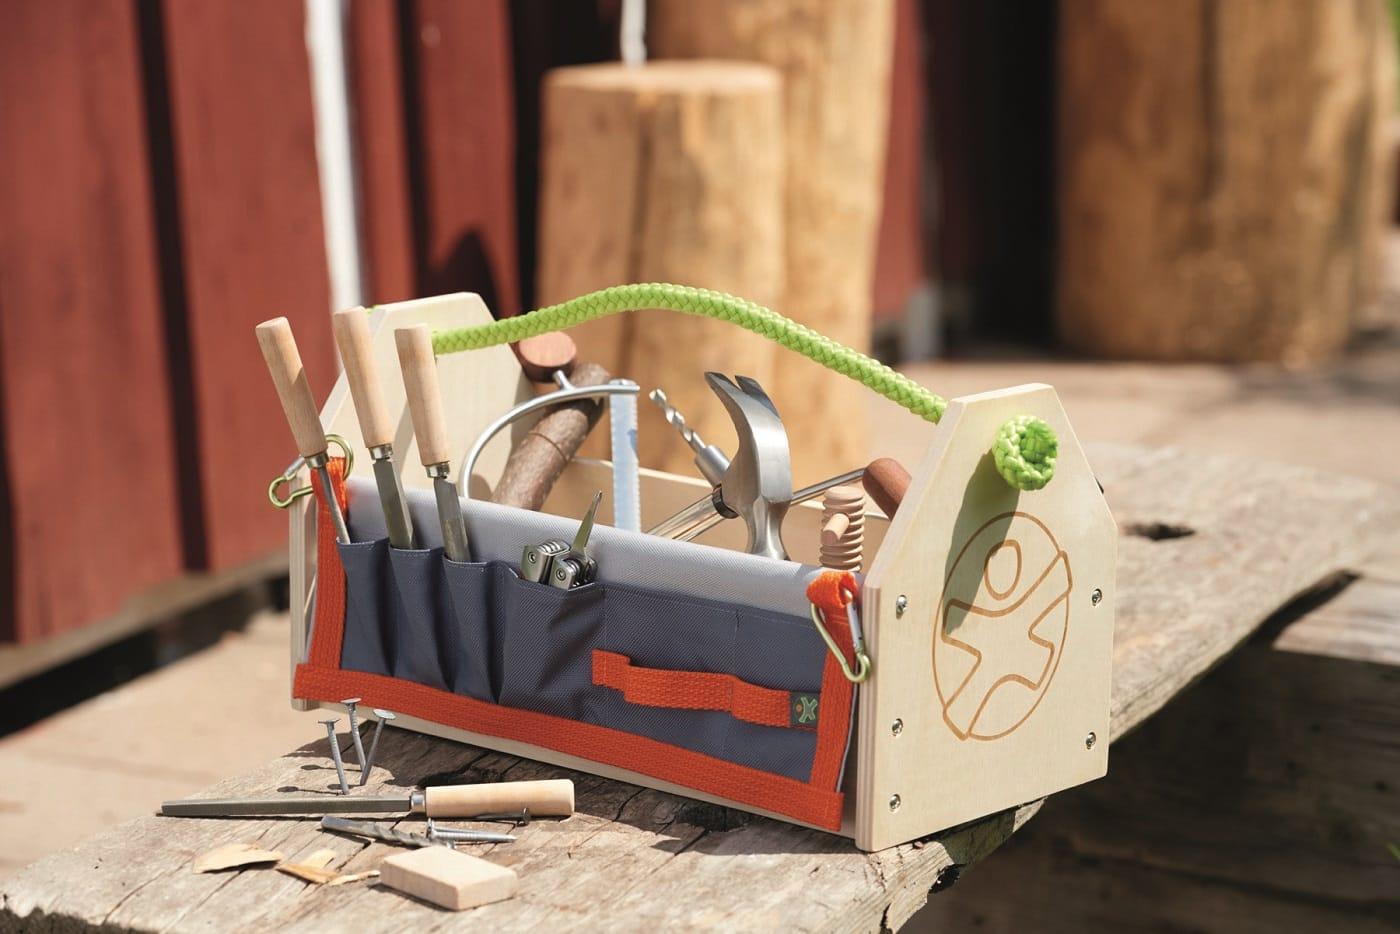 Baukasten für kleine Handwerker // HIMBEER